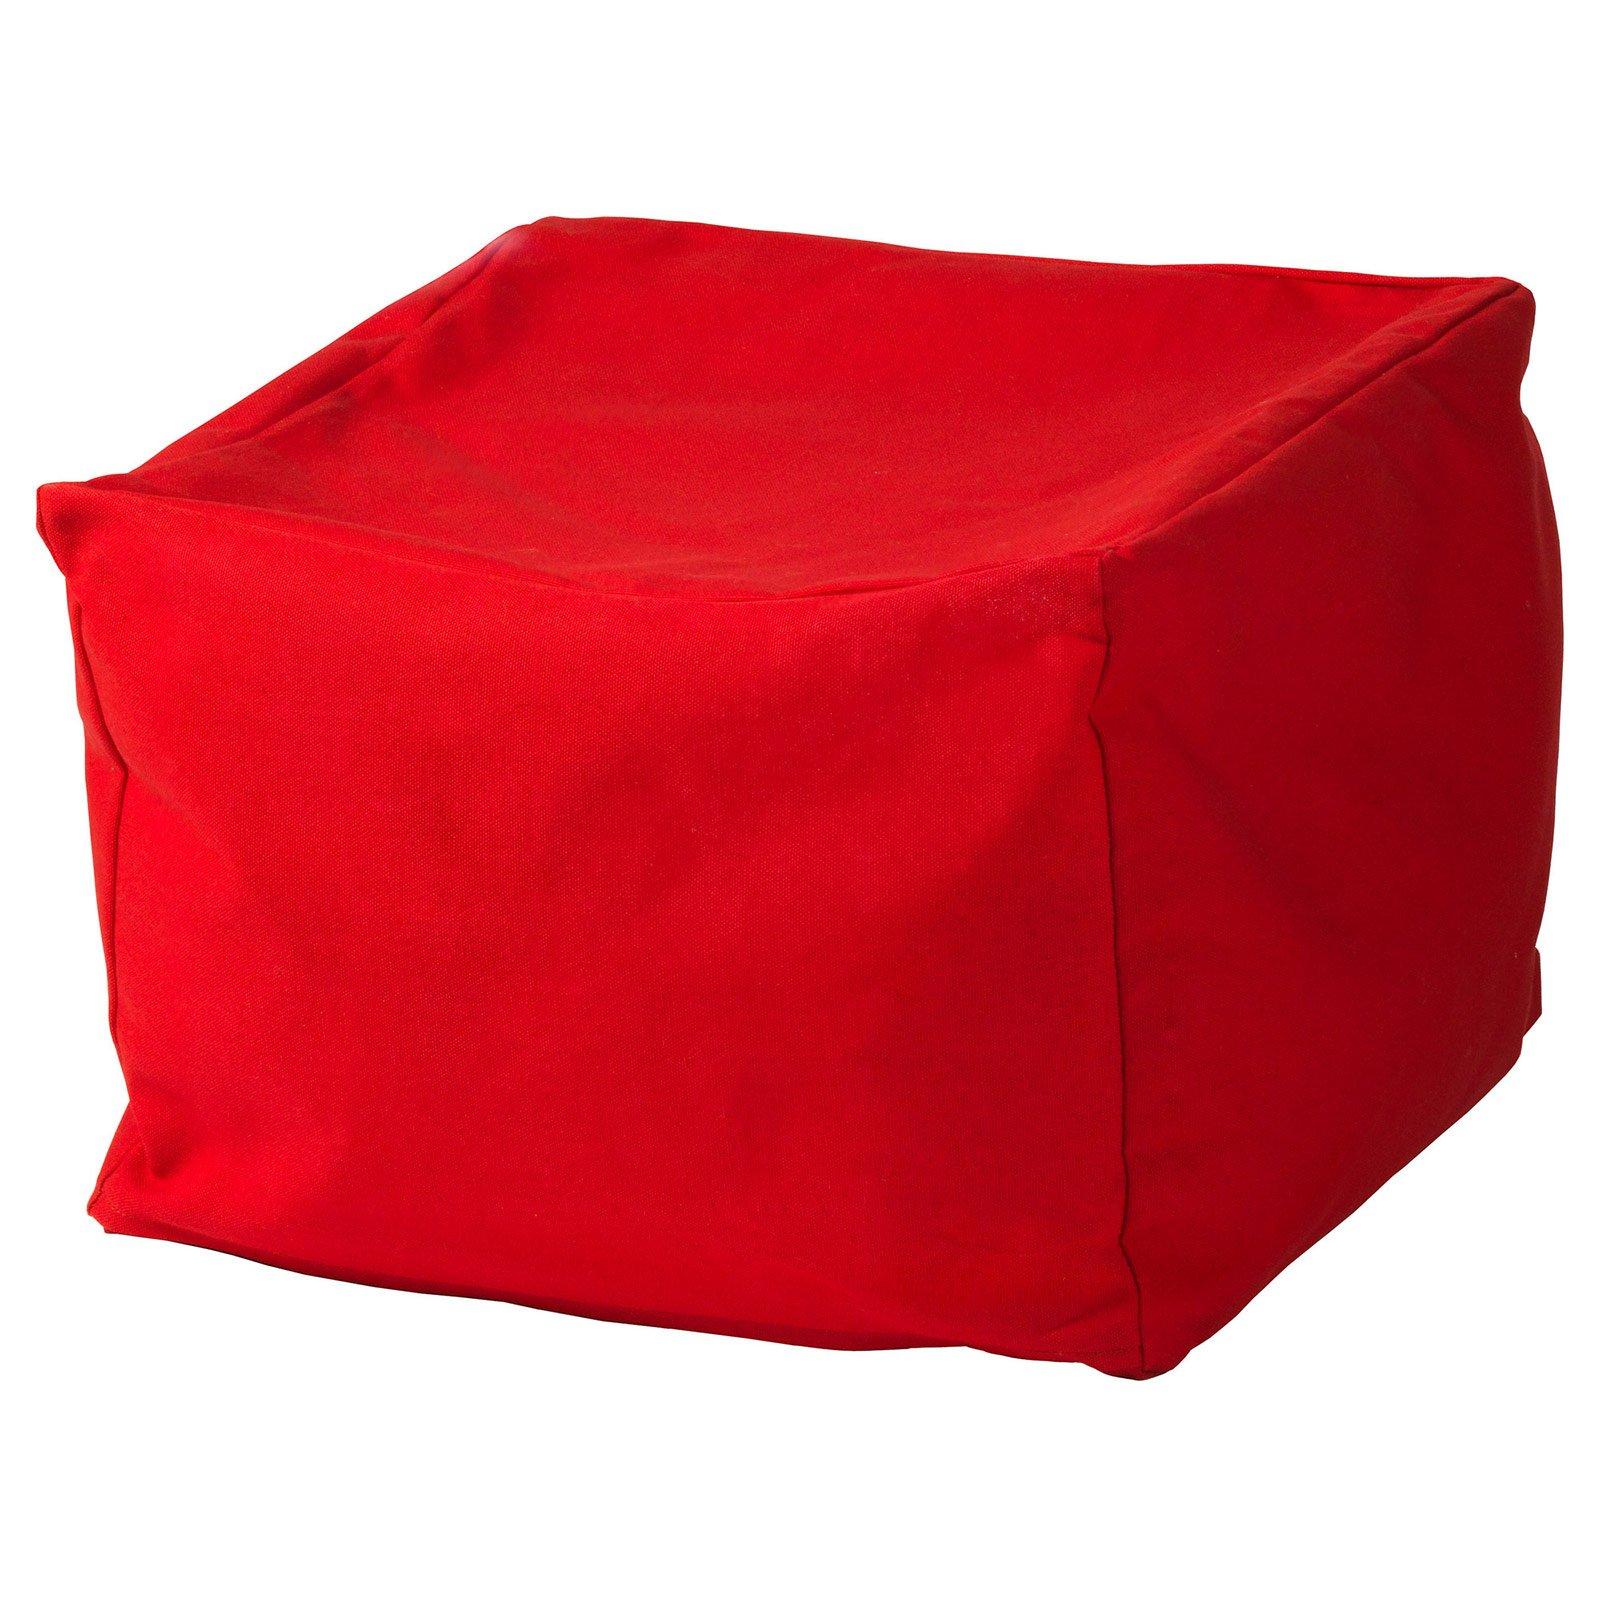 Pouf In Cotone Effetto Maglia pouf, la seduta che si sposta ovunque - cose di casa